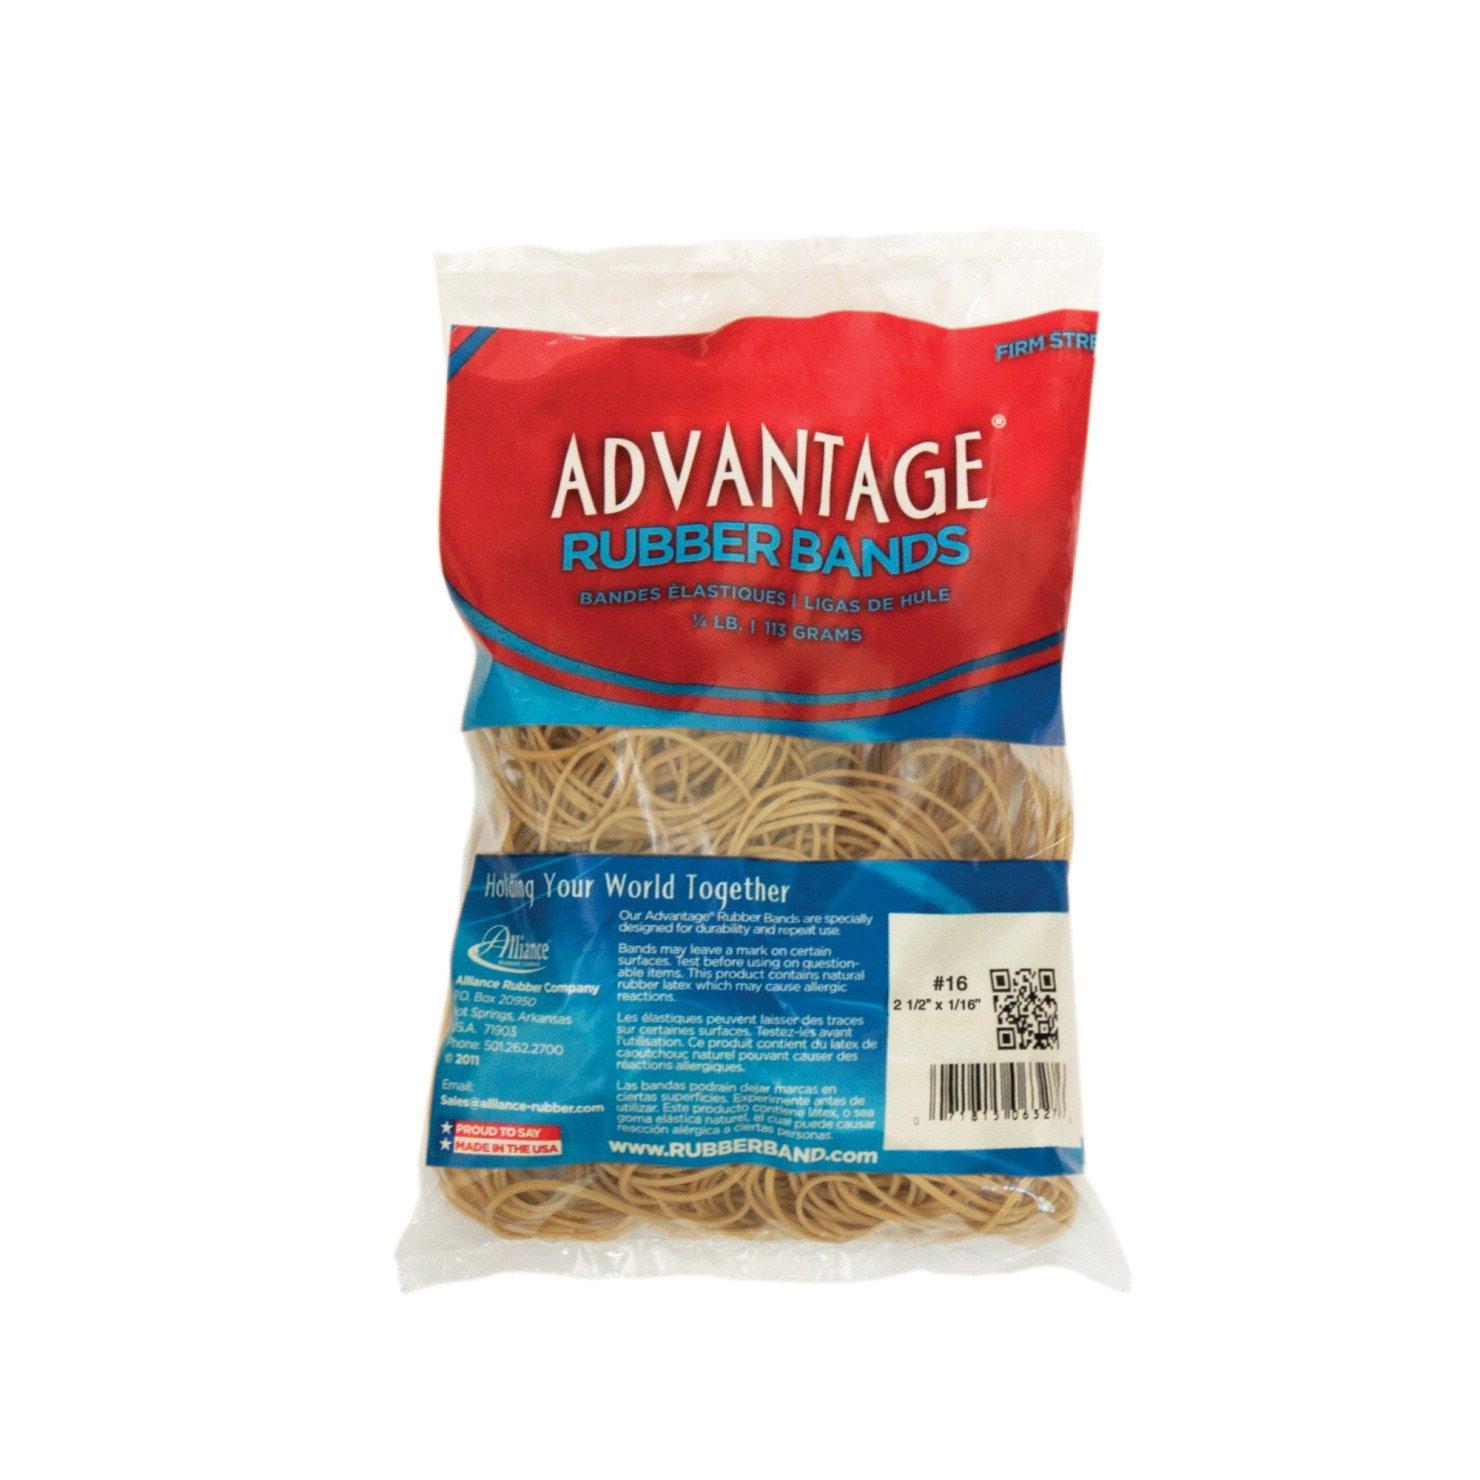 Alliance Advantage Latex Rubber Band, No 16, 2-1/2 x 1/16 Inches, 1/4 lb Box, Natural